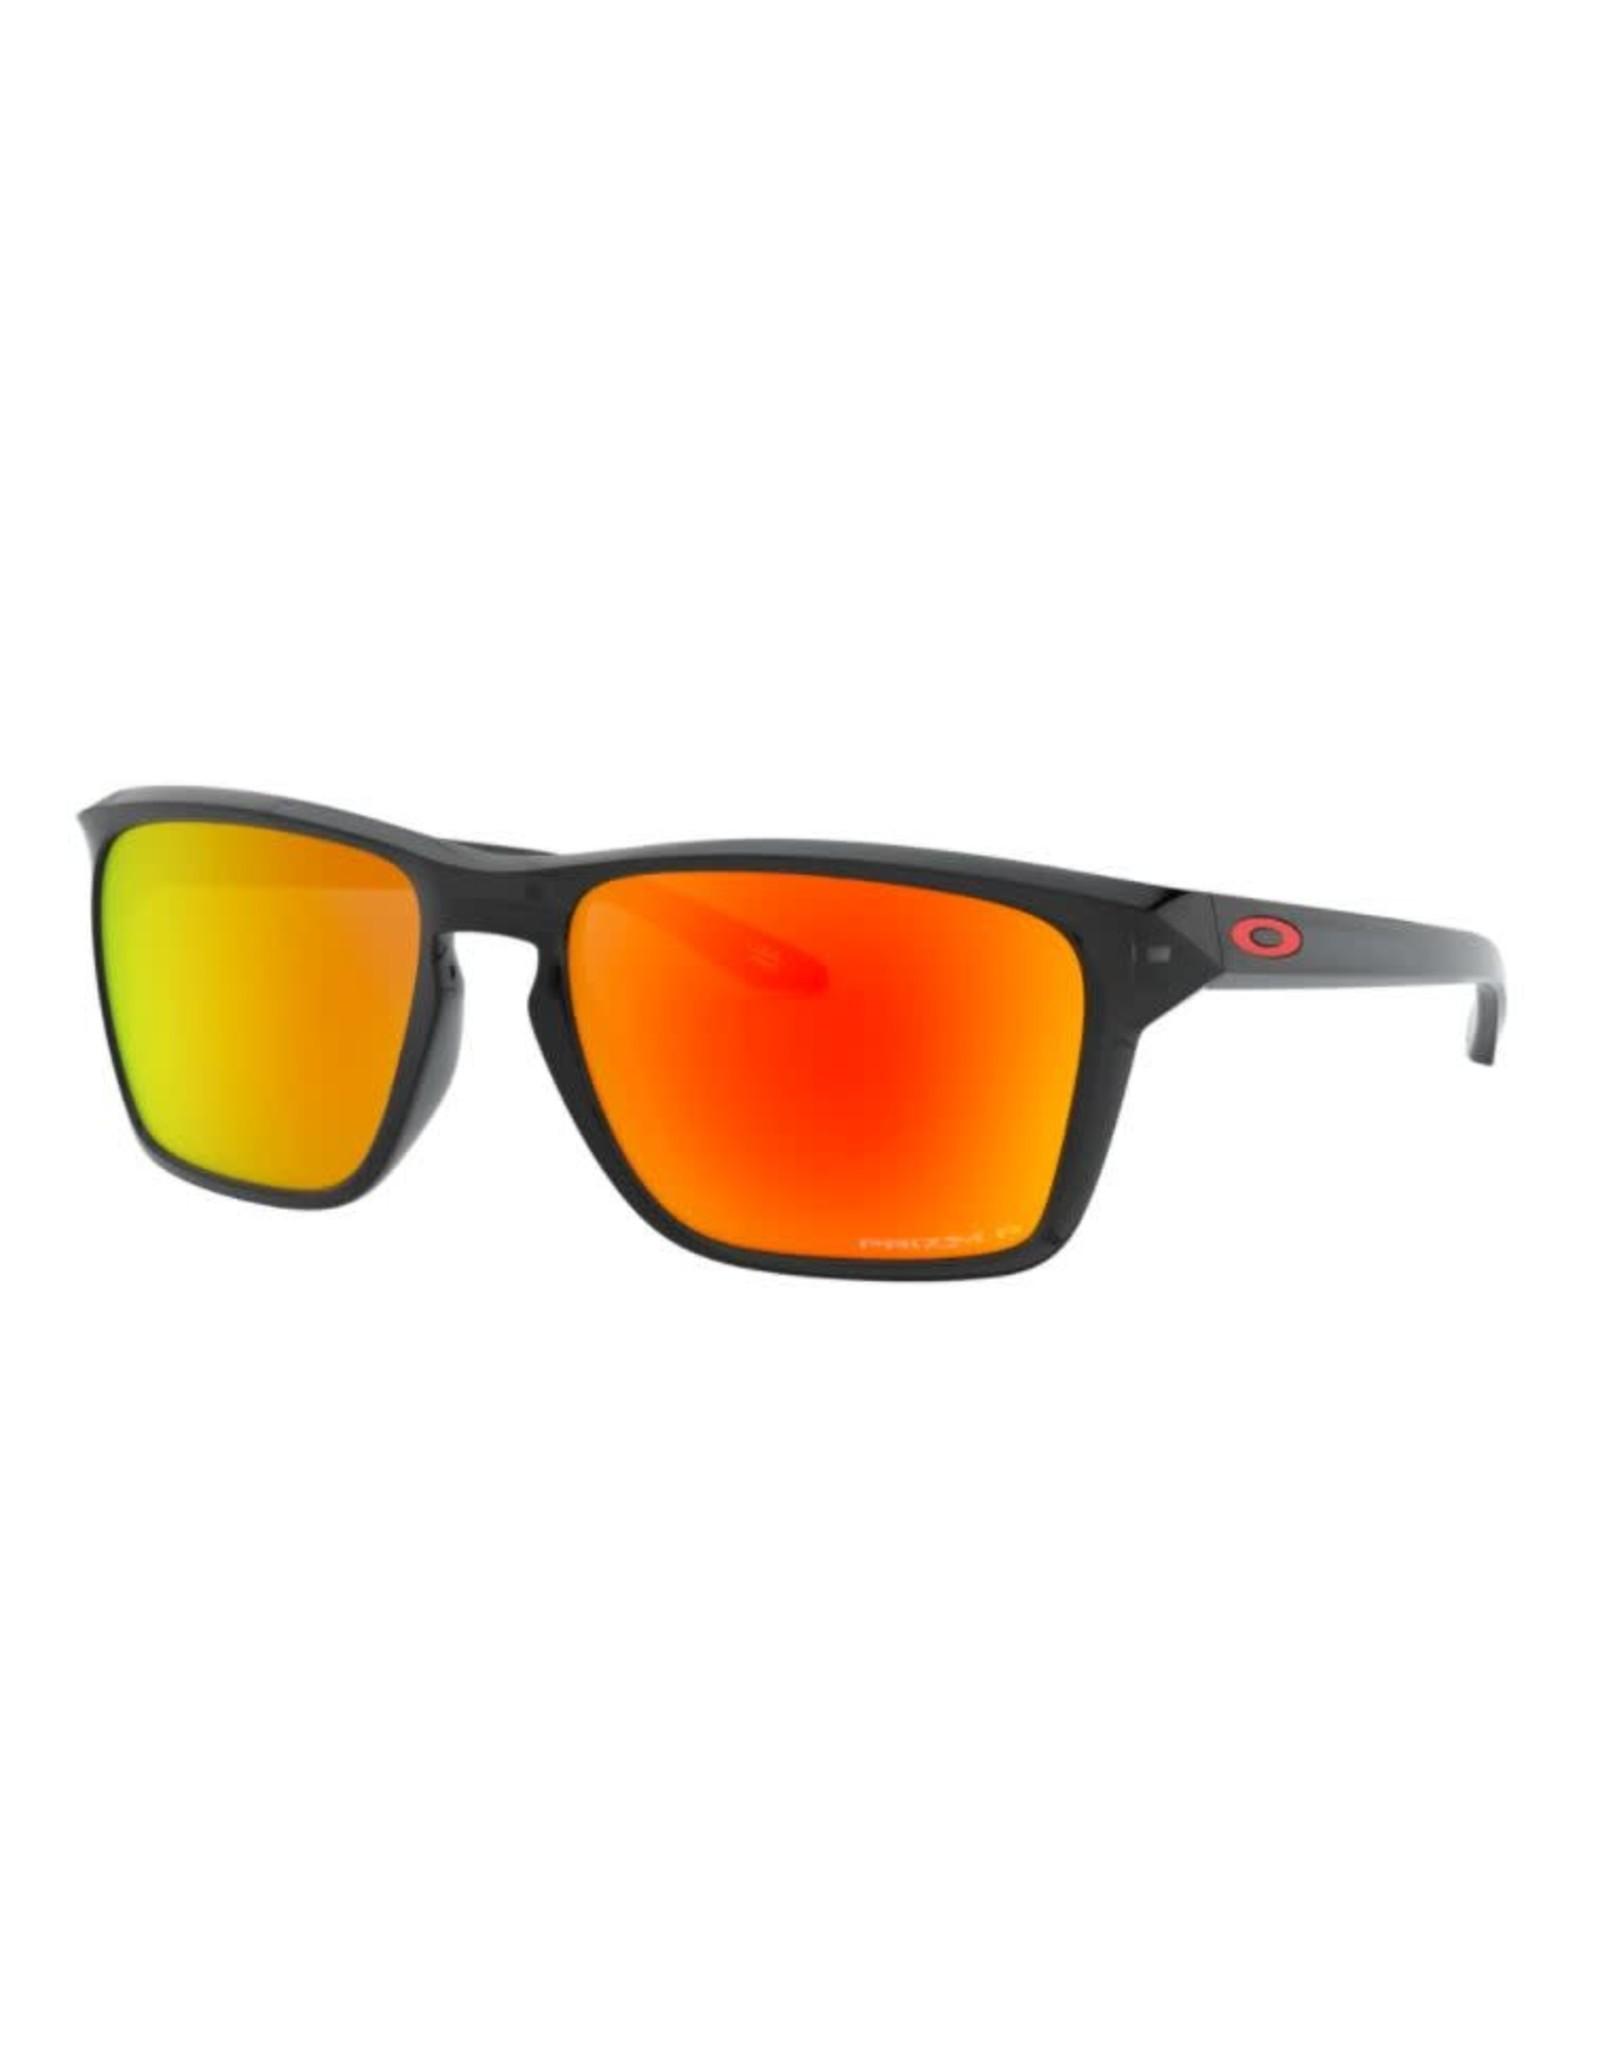 Oakley Oakley - Lunette soleil homme sylas black ink/lens prizm ruby polarized